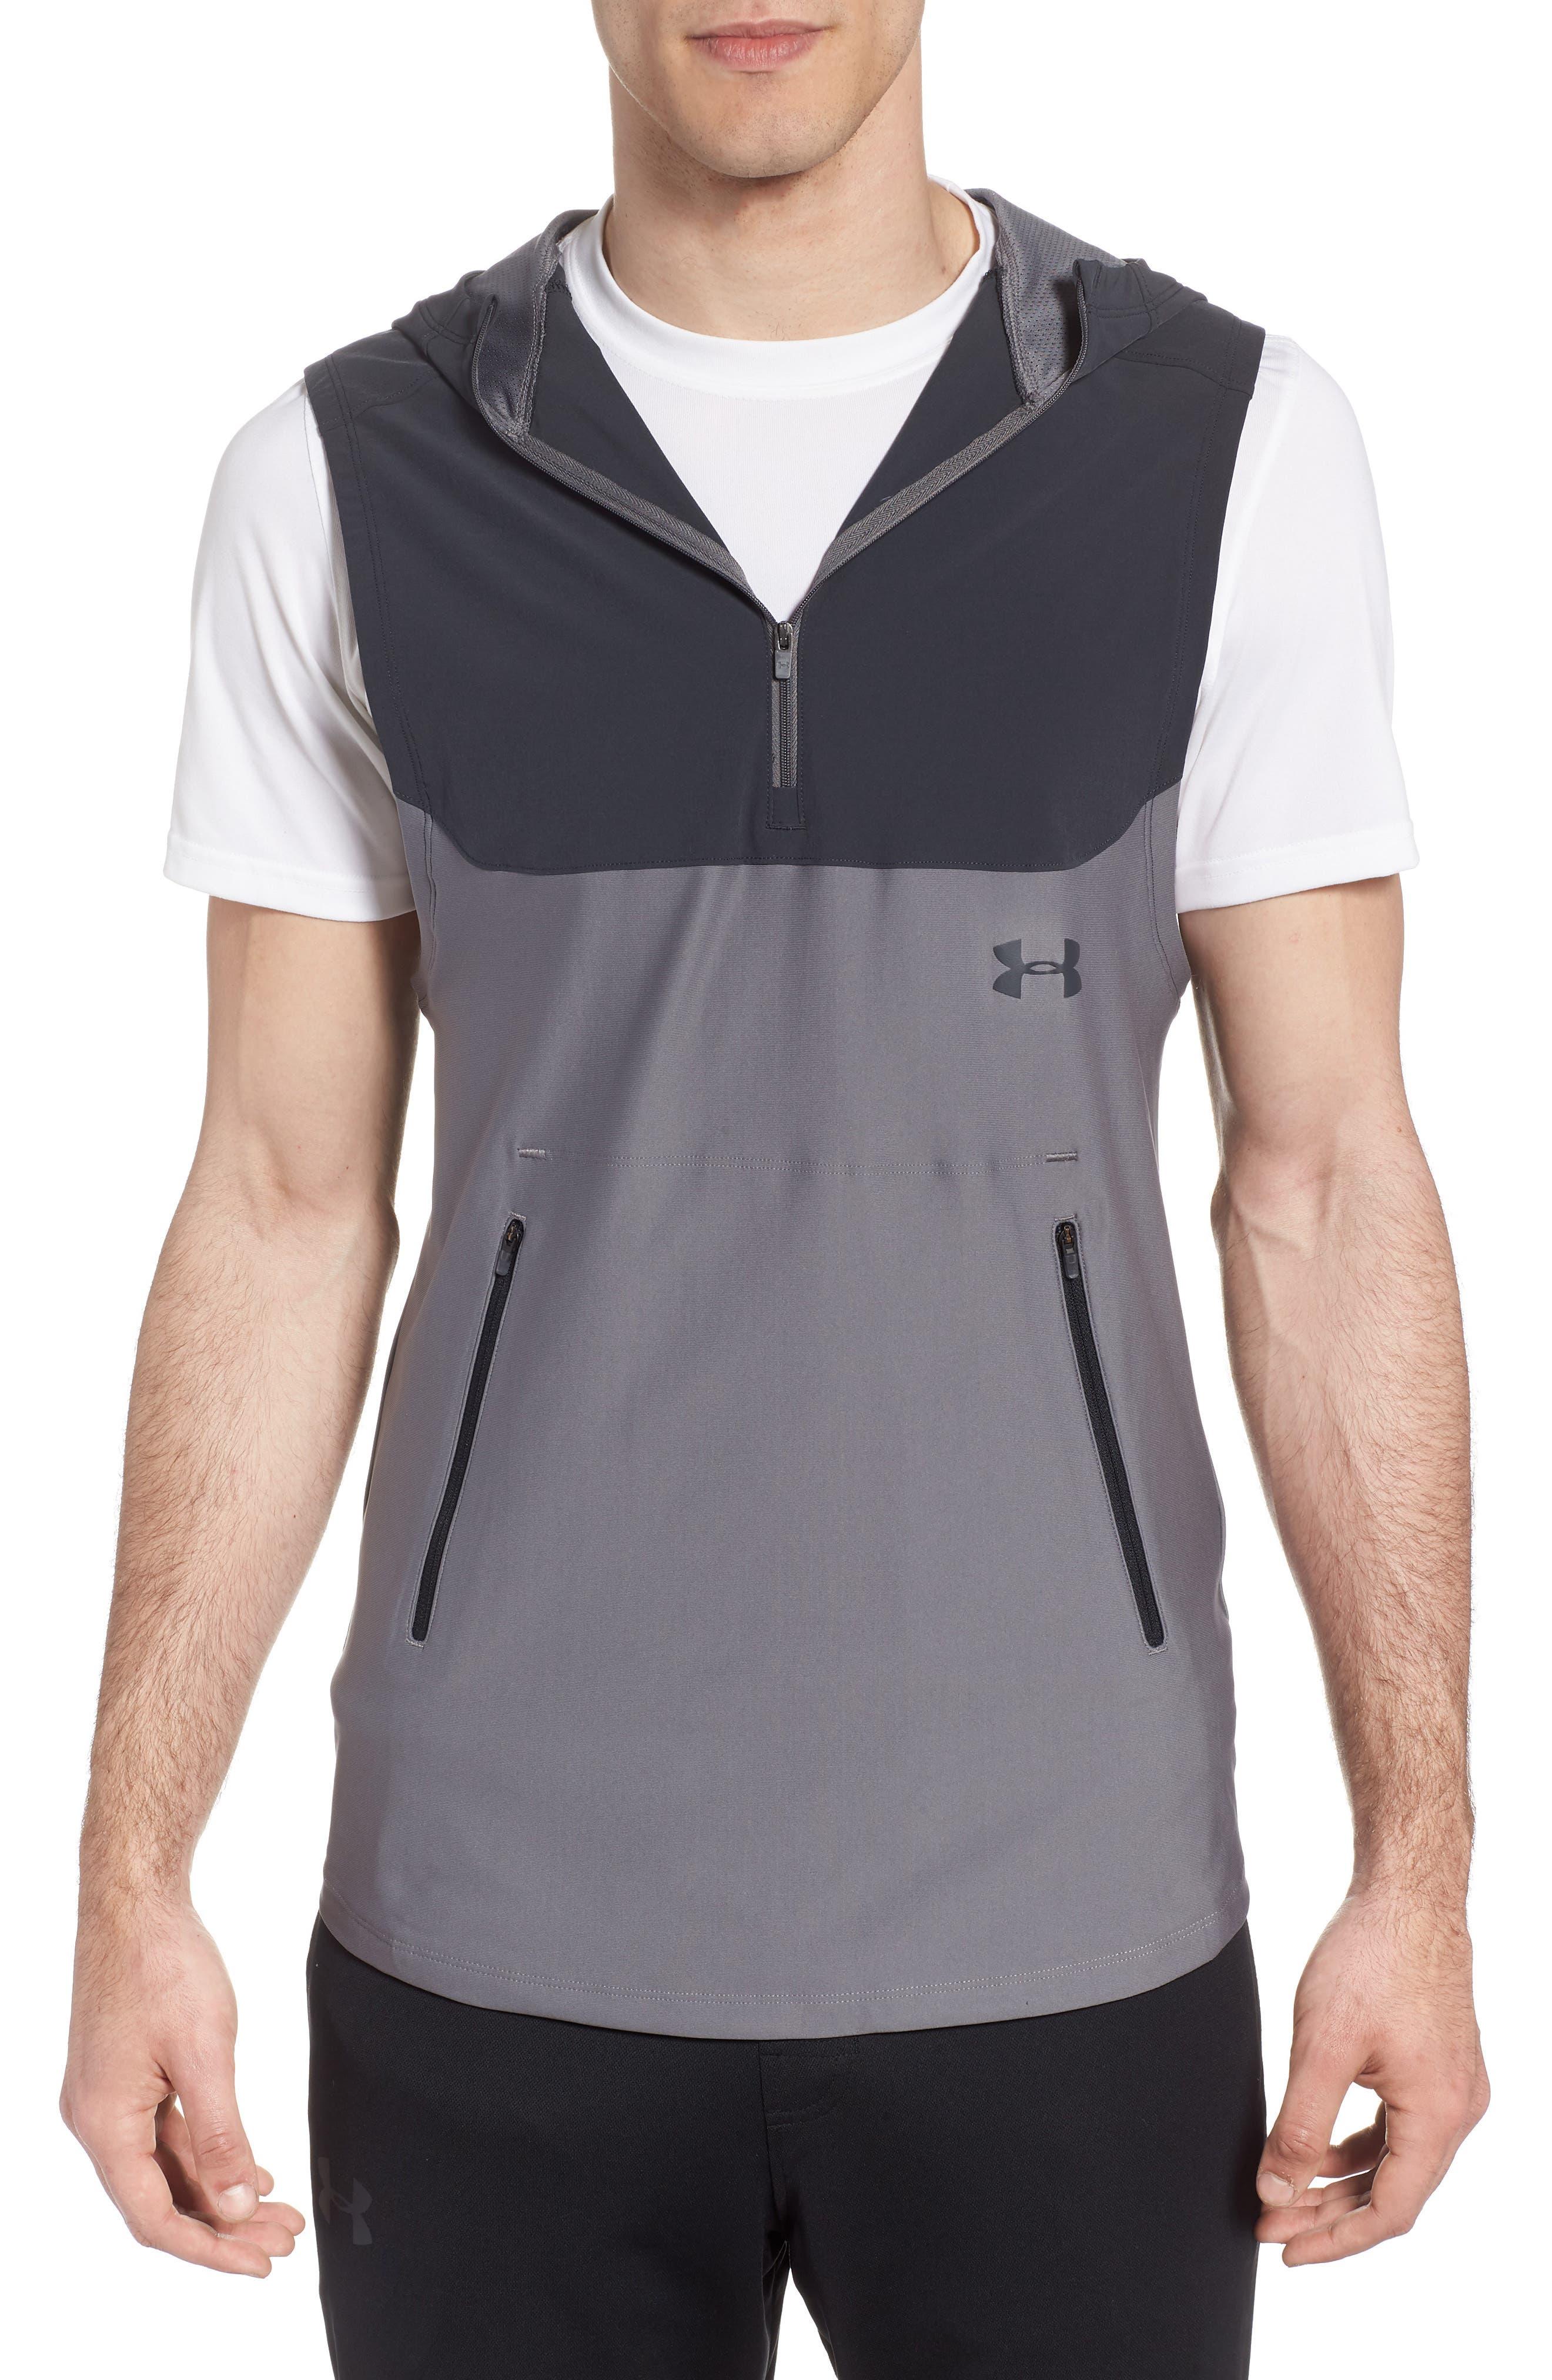 Threadborne Vanish Vest,                         Main,                         color, Anthracite / Graphite/ Iron